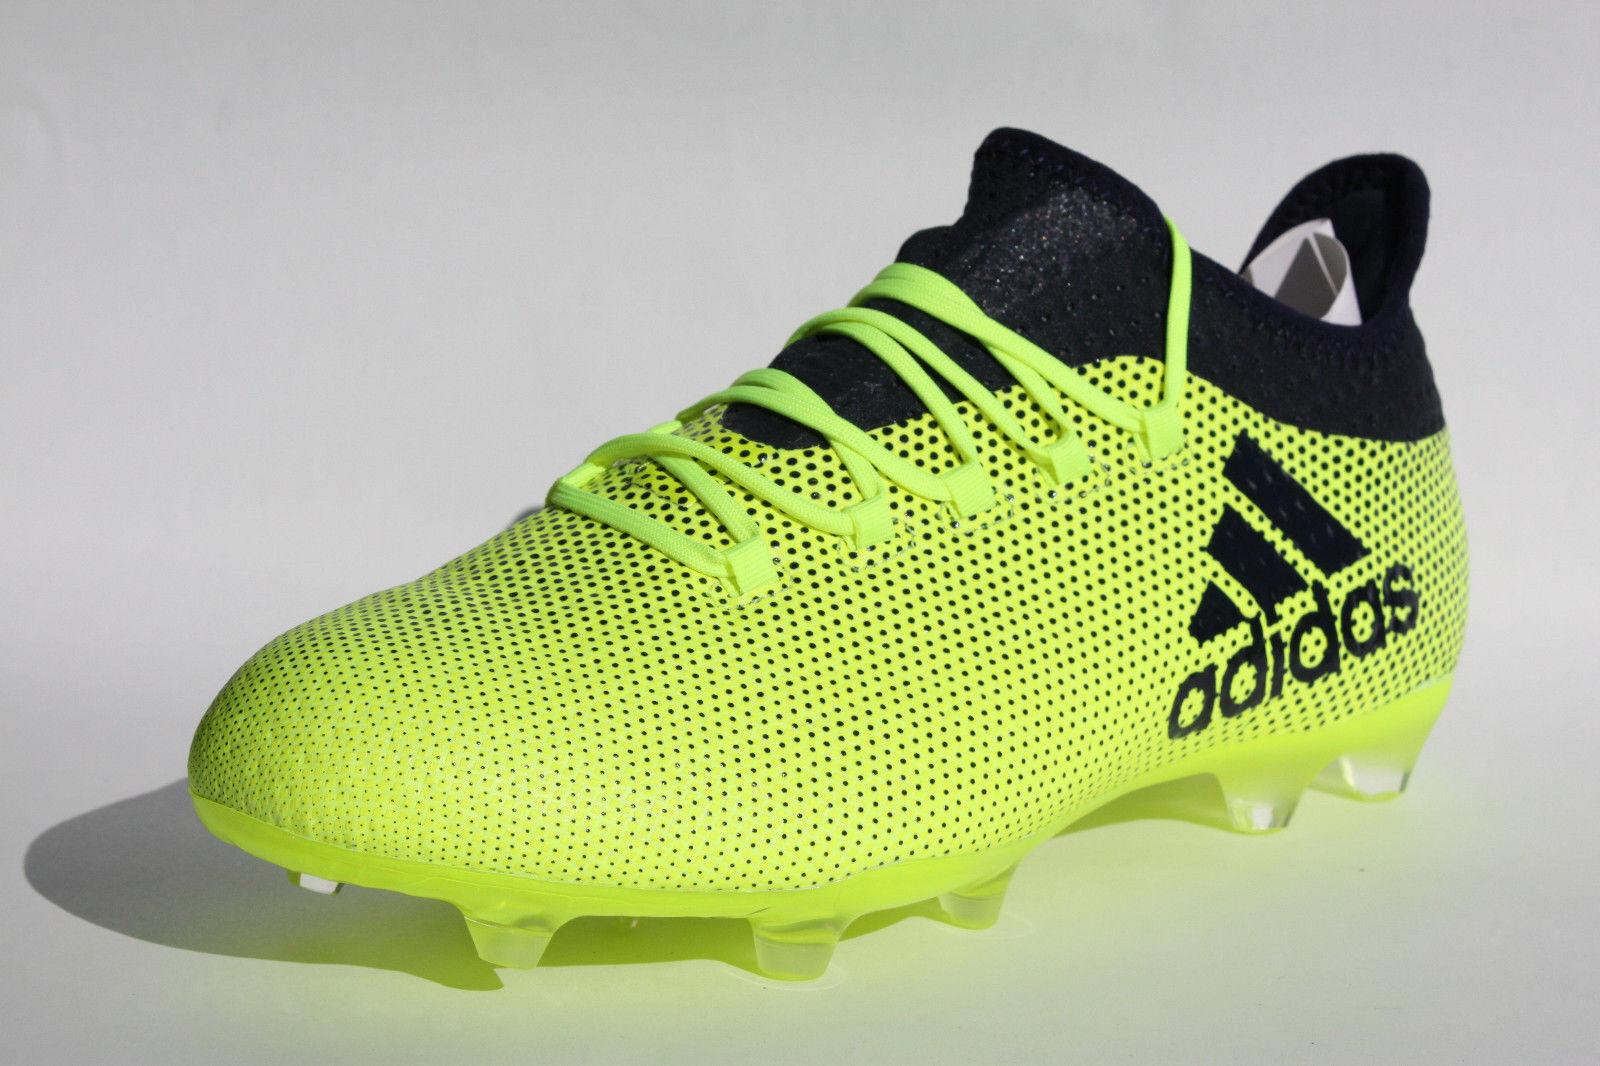 Adidas X17.2 FG S82325 amarillo negro al por menor   130.00 En Oferta  65.00